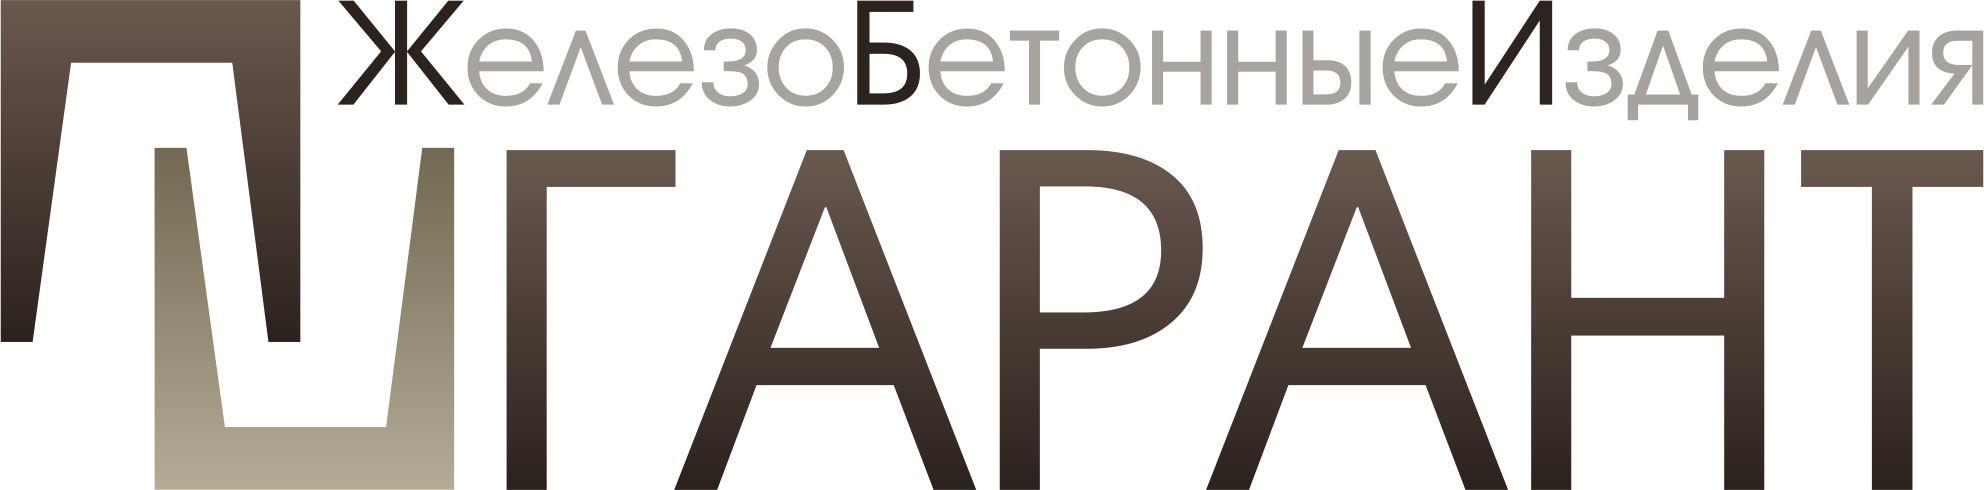 ООО ЖБИ-Гарант